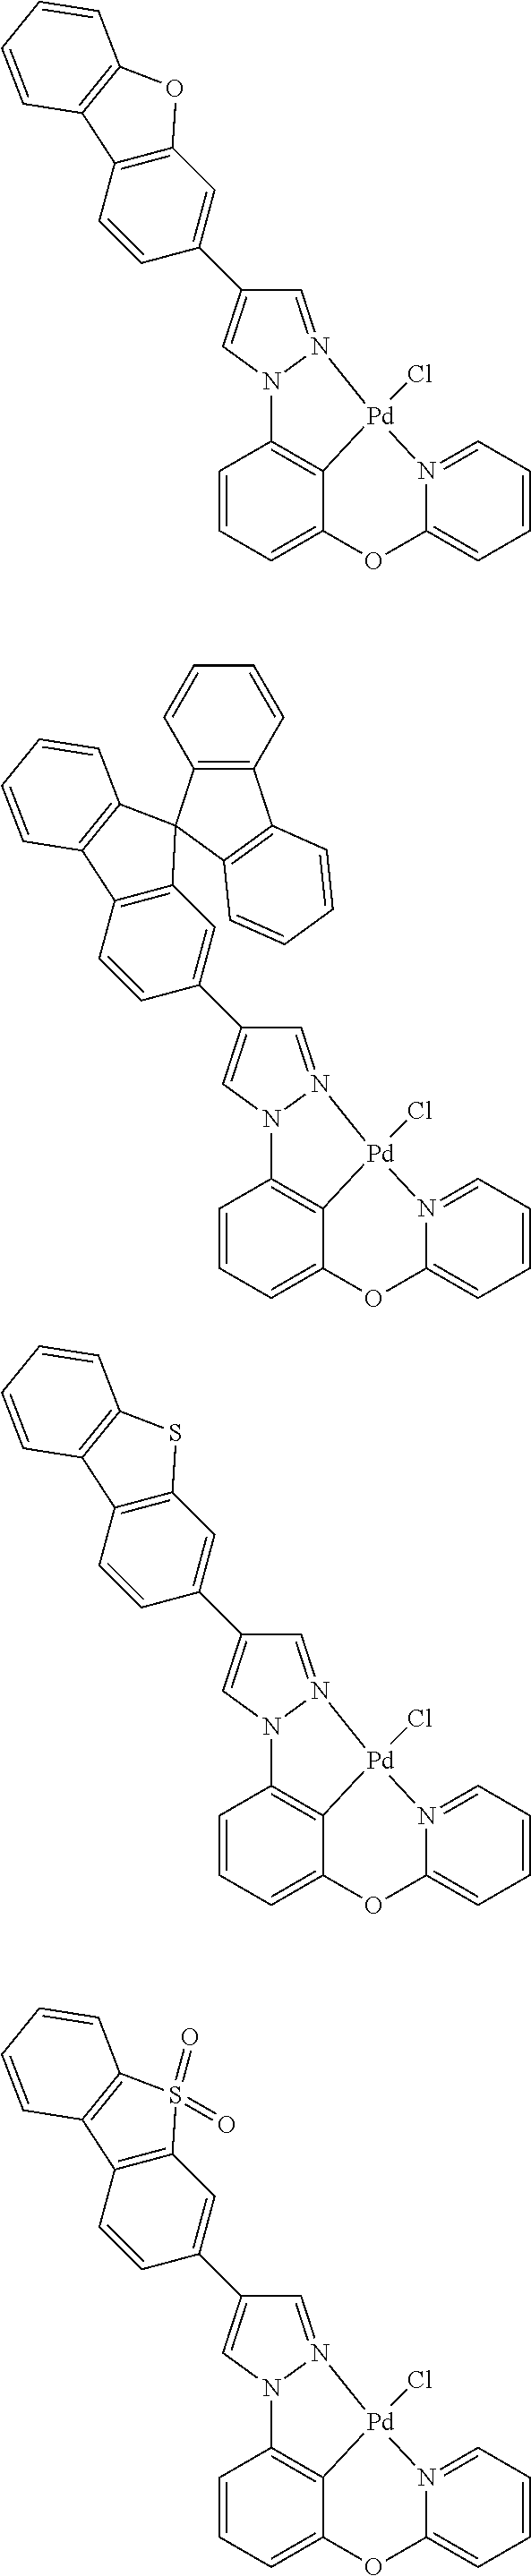 Figure US09818959-20171114-C00169